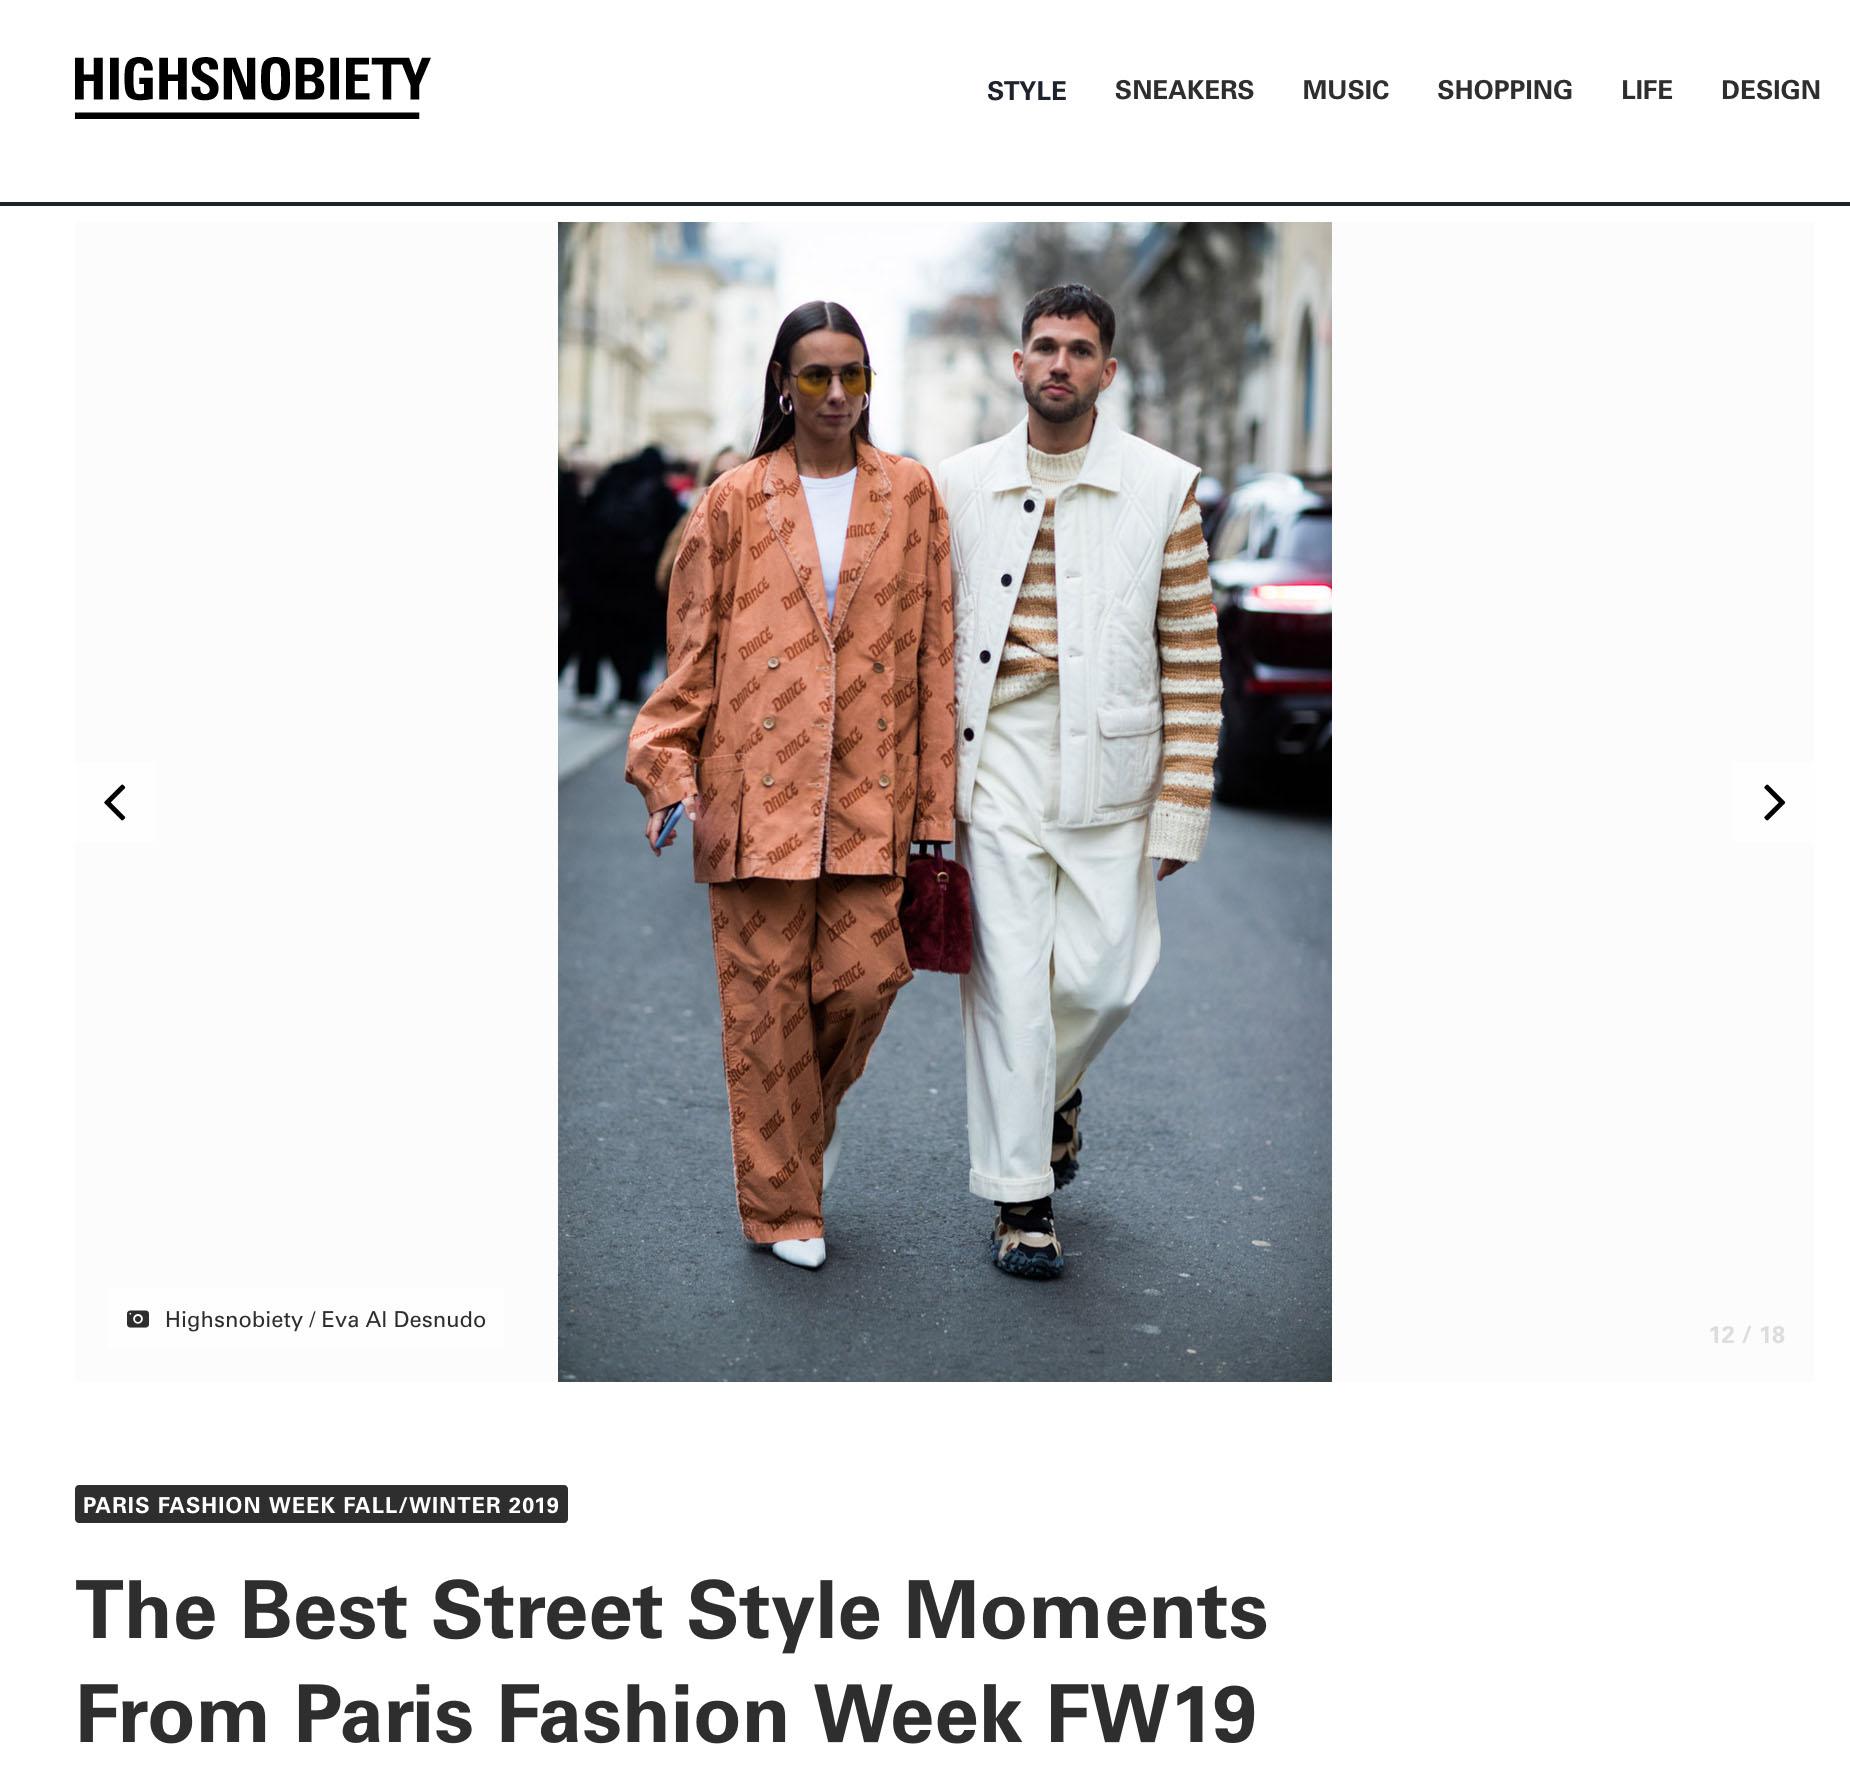 highsnobiety street style